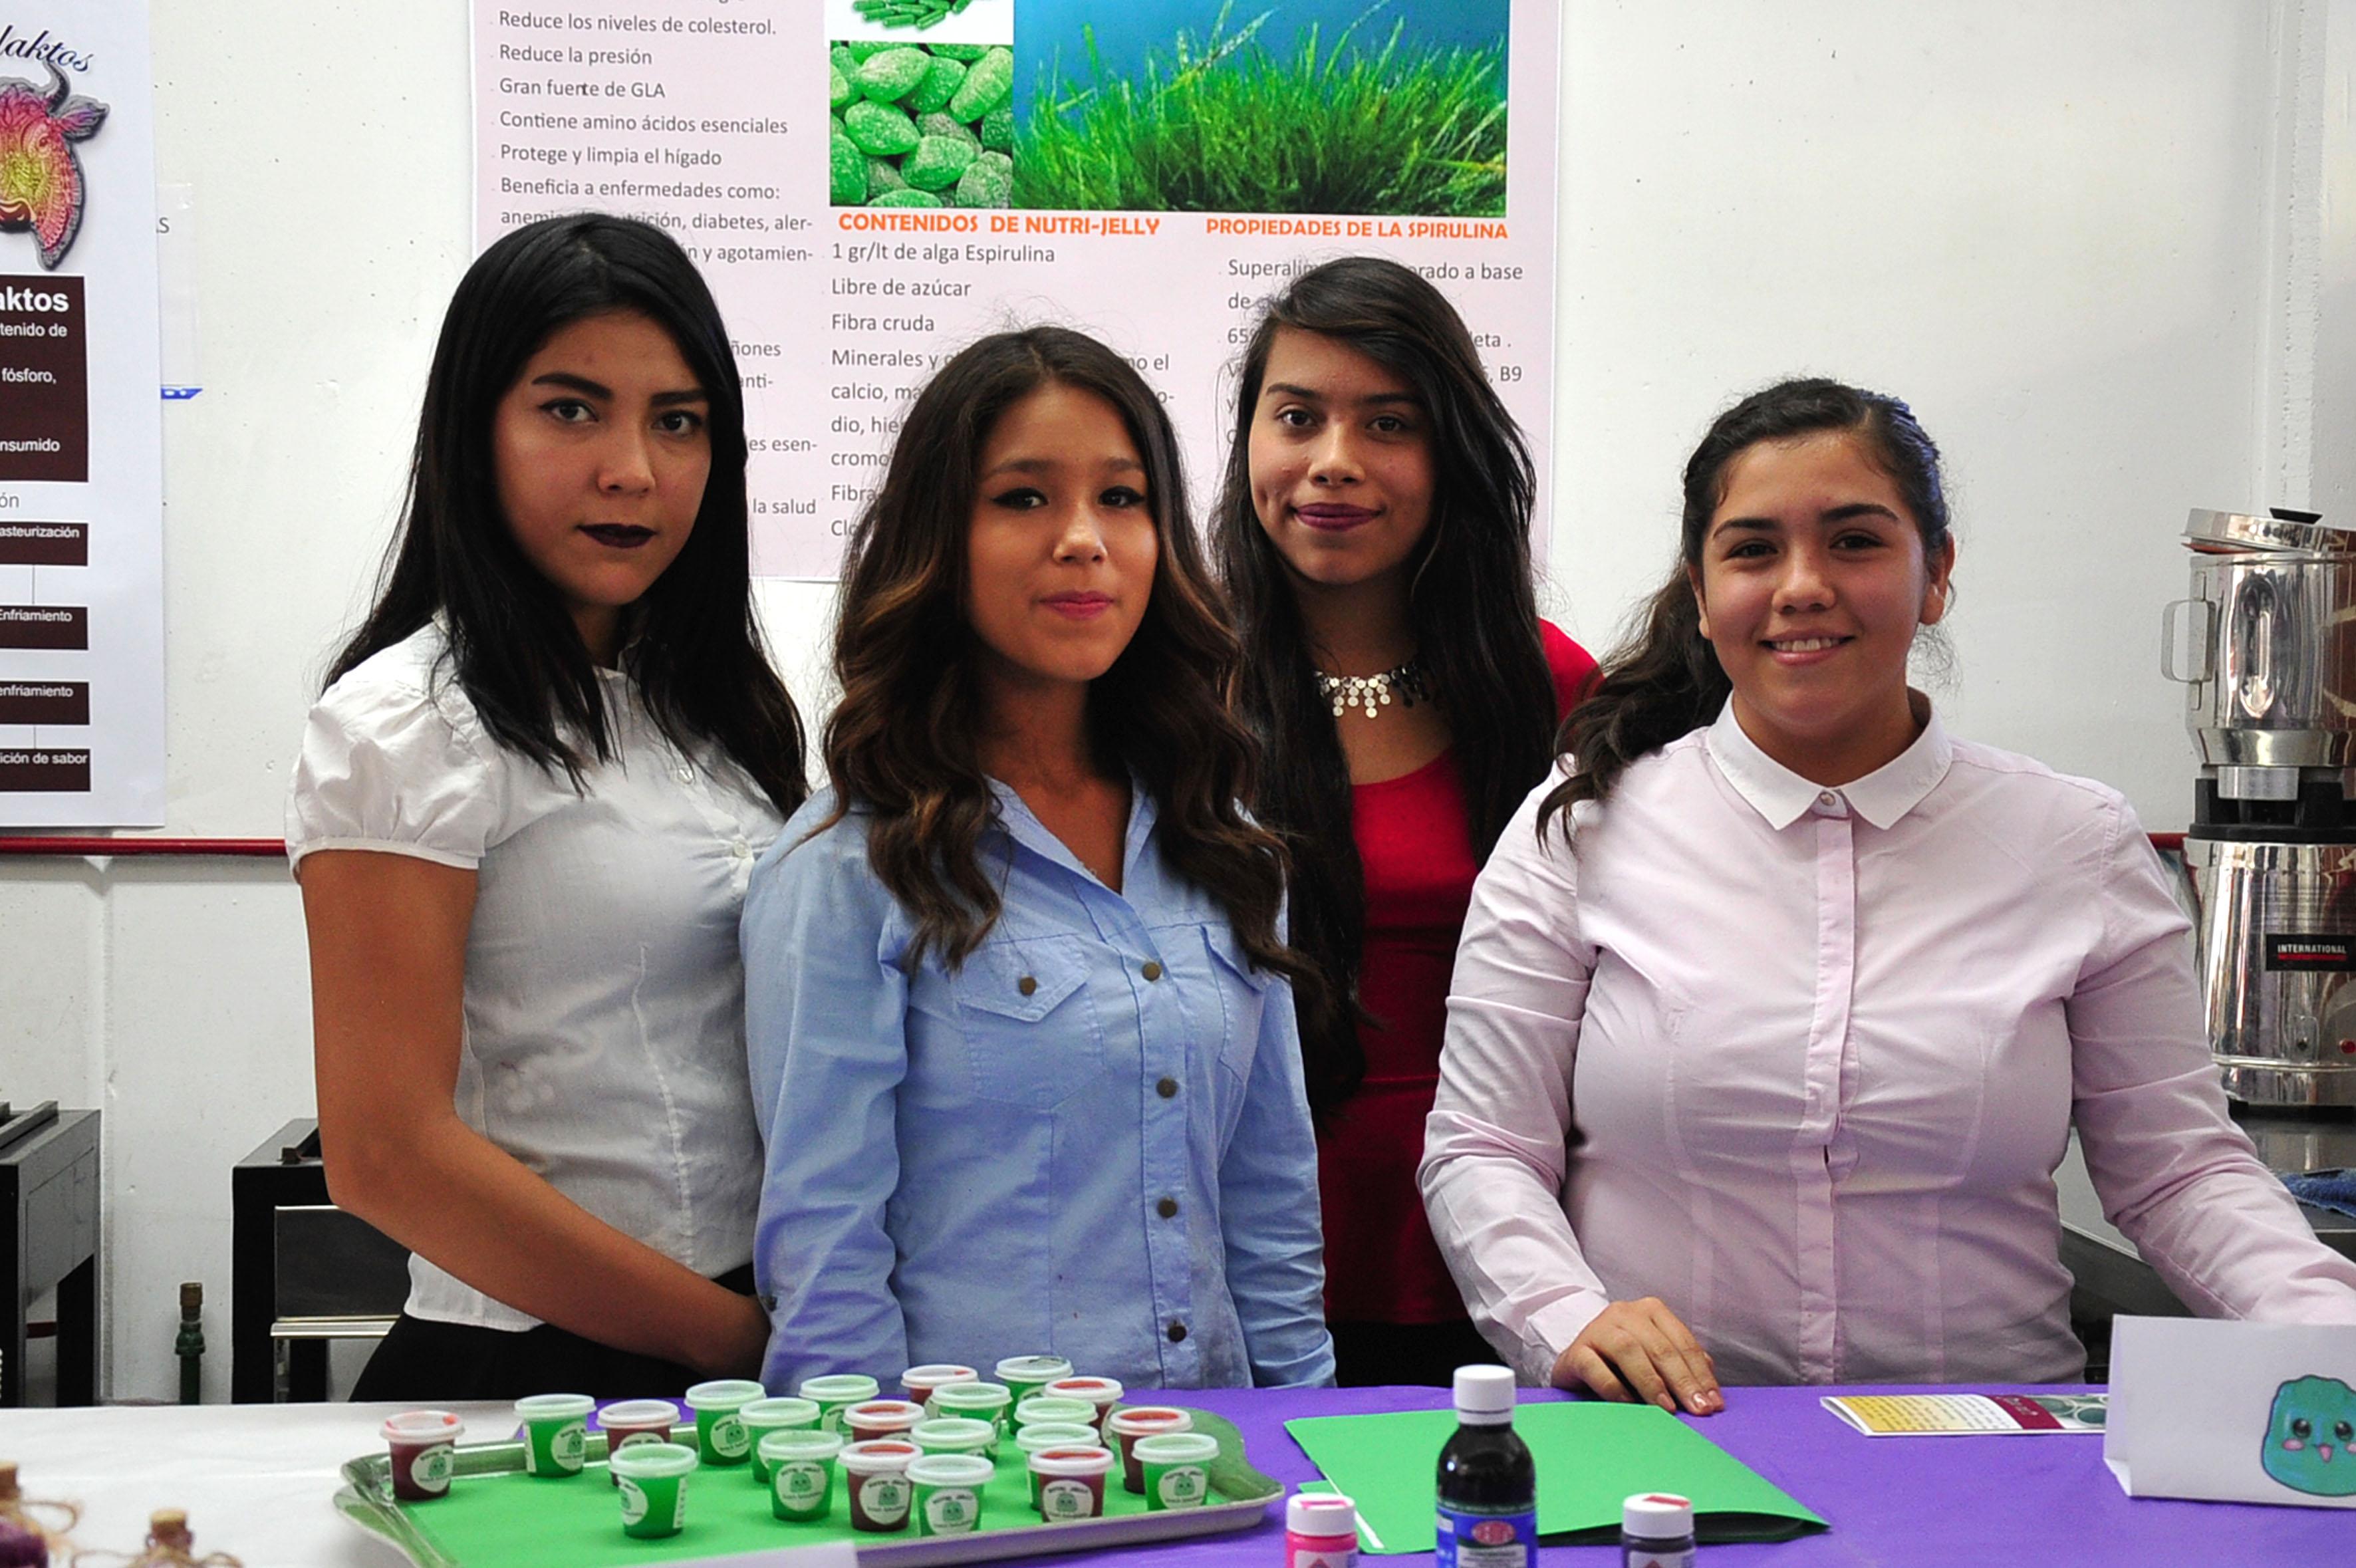 Estudiantes mujeres de la carrera de Análisis y Procesos de Alimentos de la Escuela Politécnica de Guadalajara, exhibiendo sus productos en la Feria de Innovación Expolitec 2016.